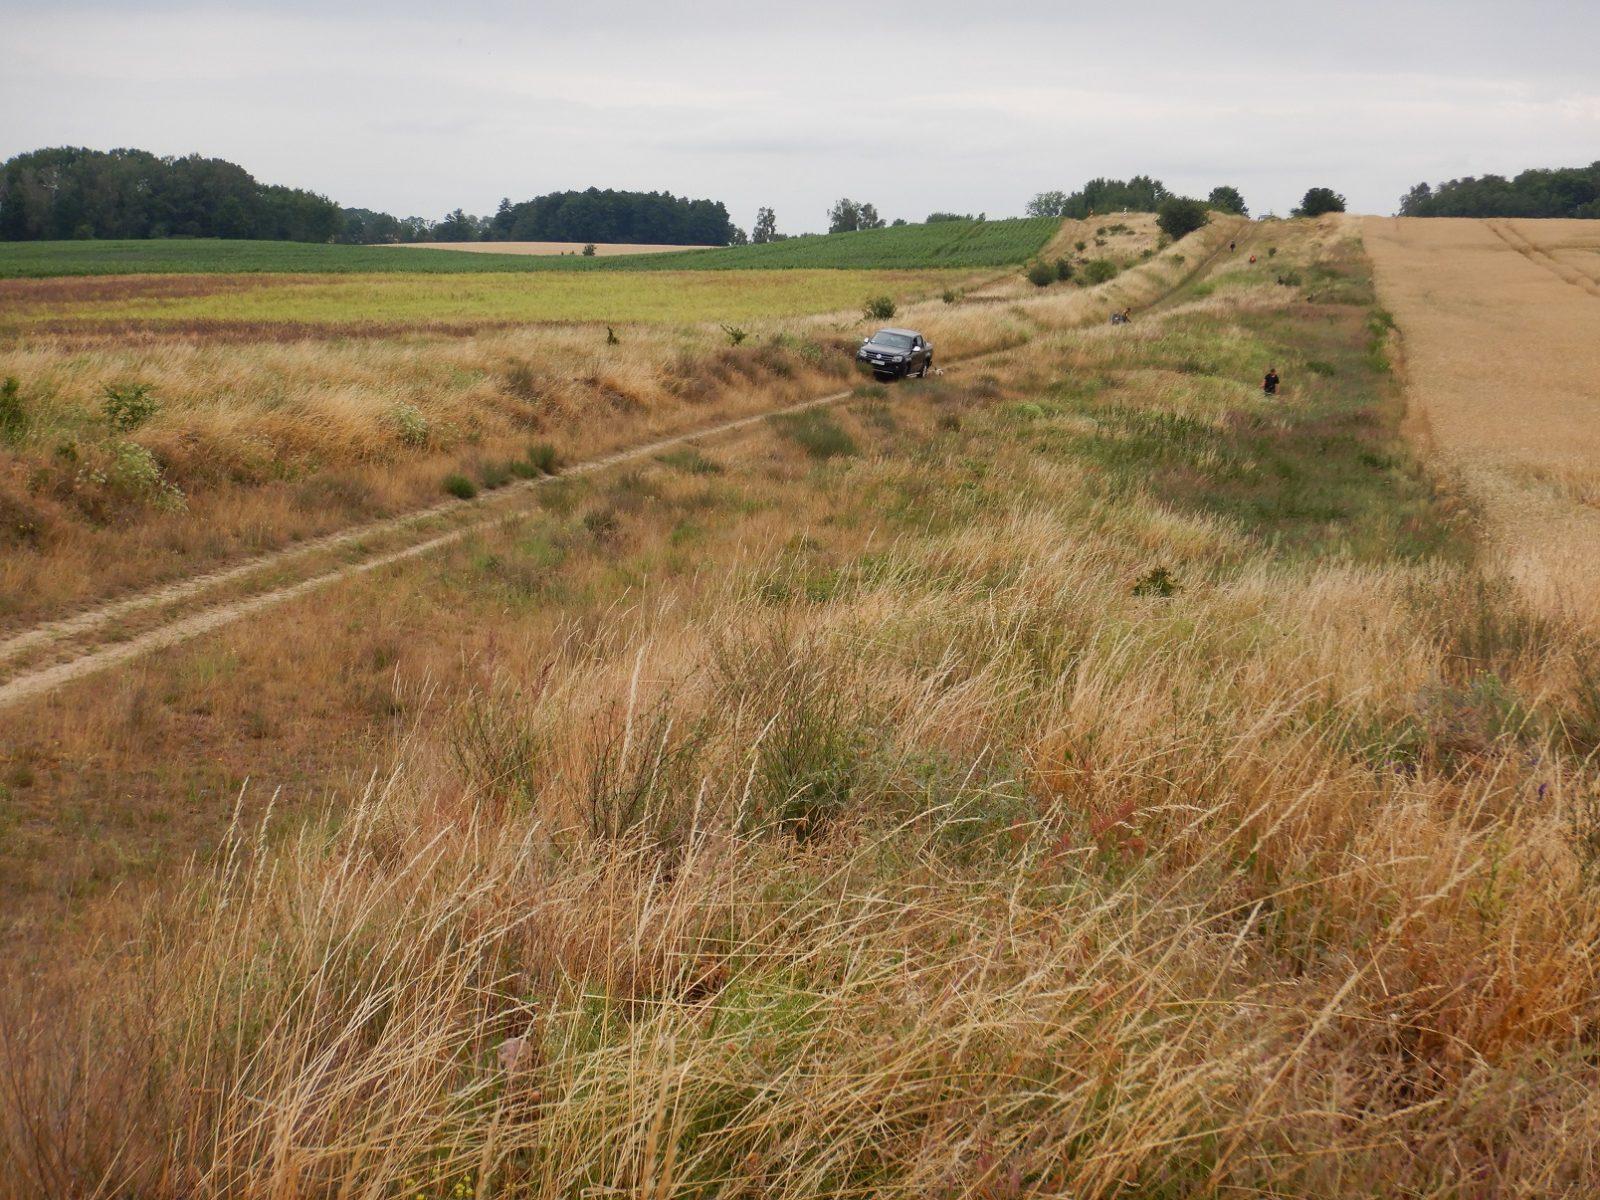 Ochrona muraw w polsko-niemieckim pasie granicznym rozpoczęta także po stronie polskiej!